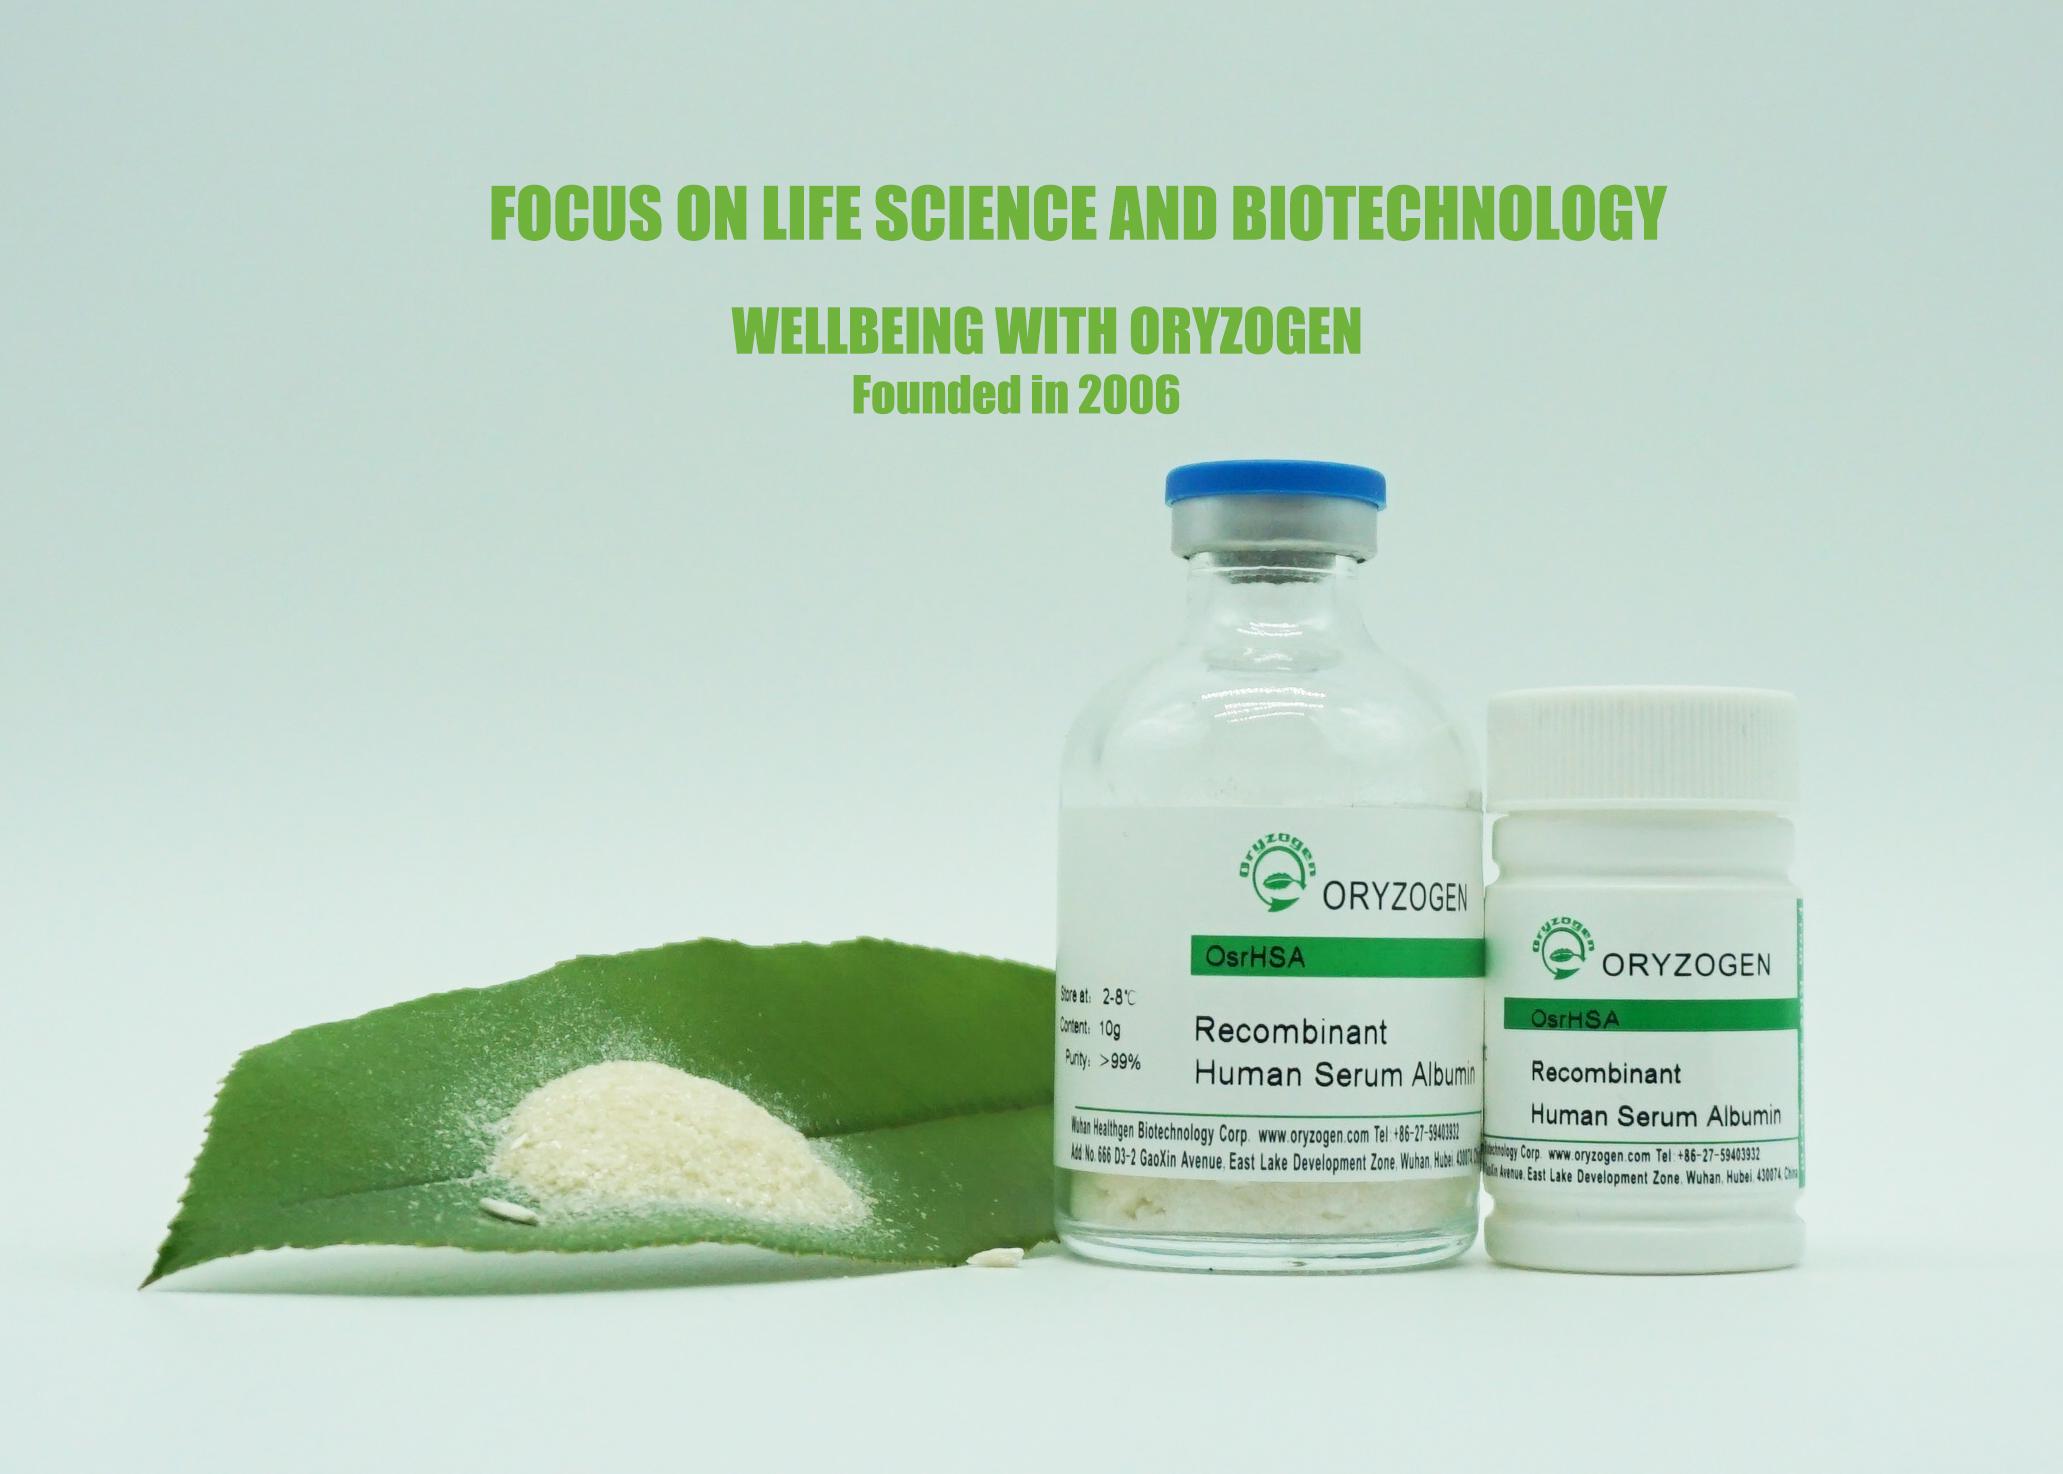 药物辅料-重组人血清白蛋白(rHSA)